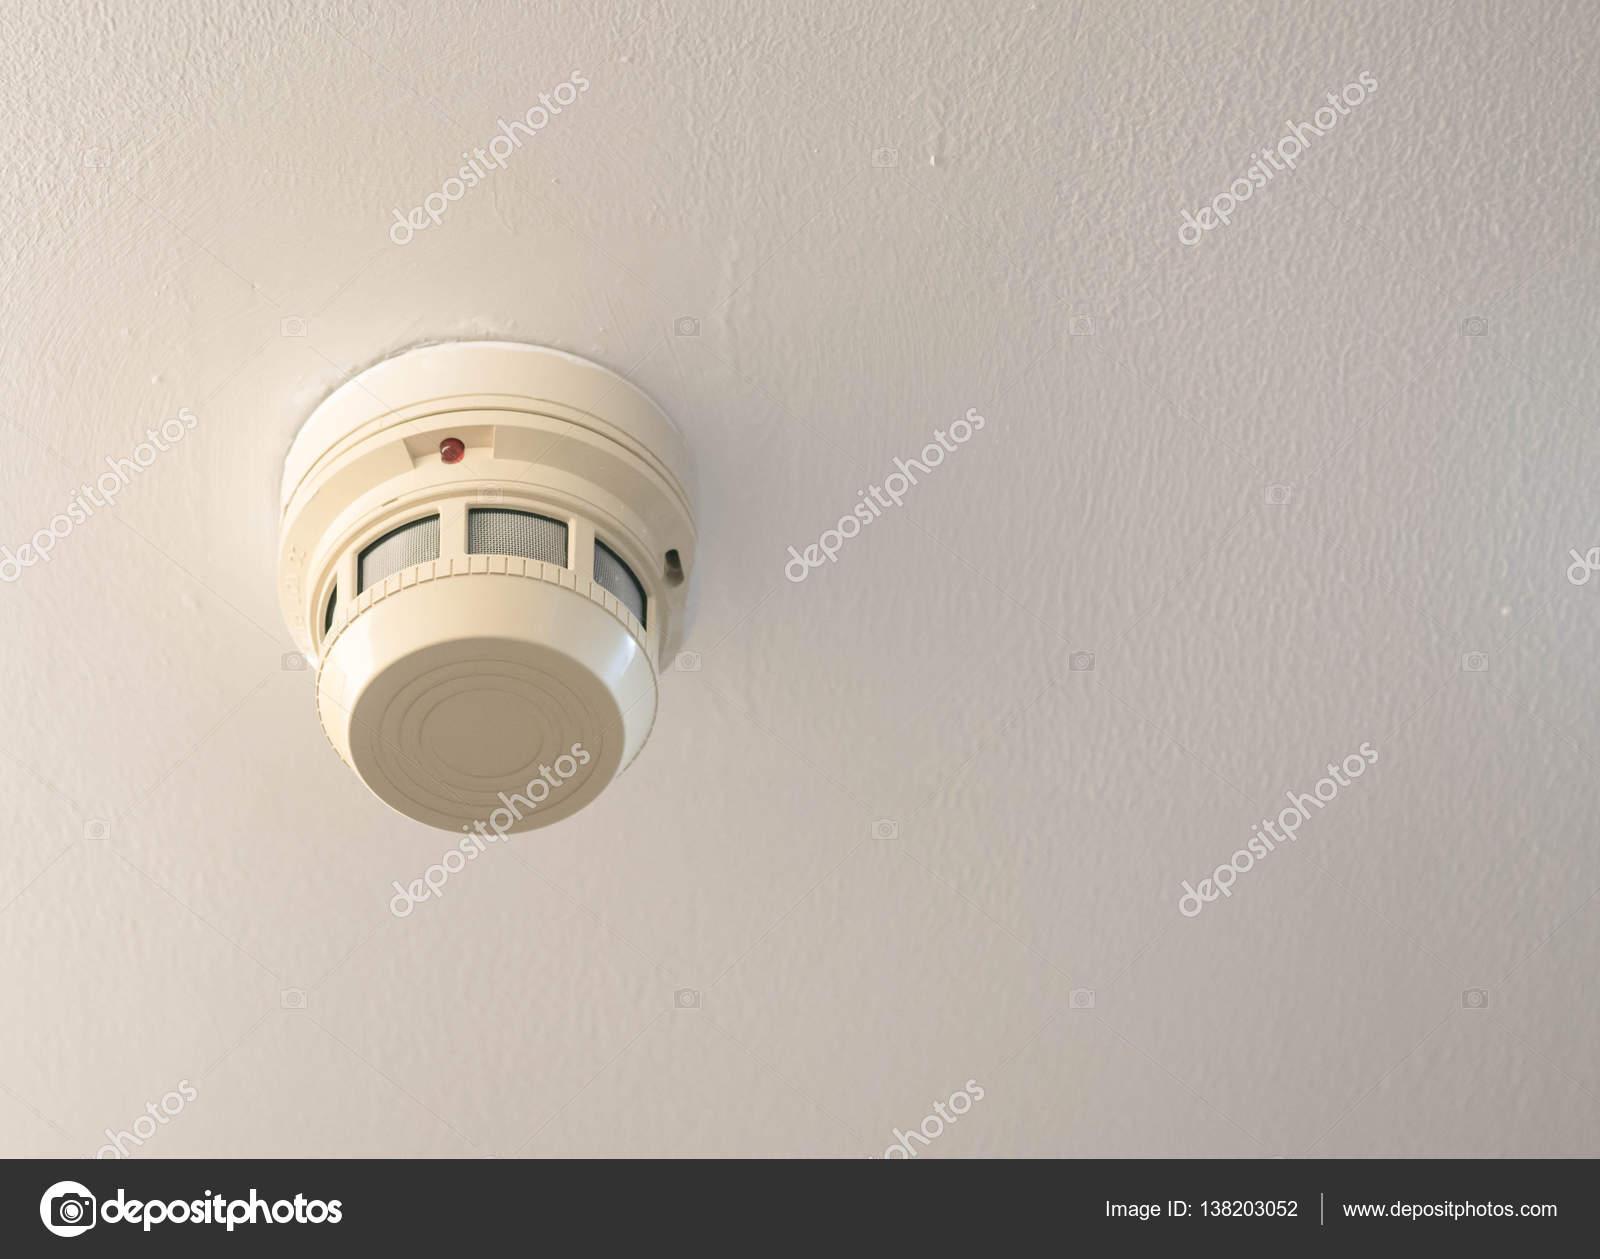 detector de humos en el techo — Foto de stock © magneticmcc #138203052